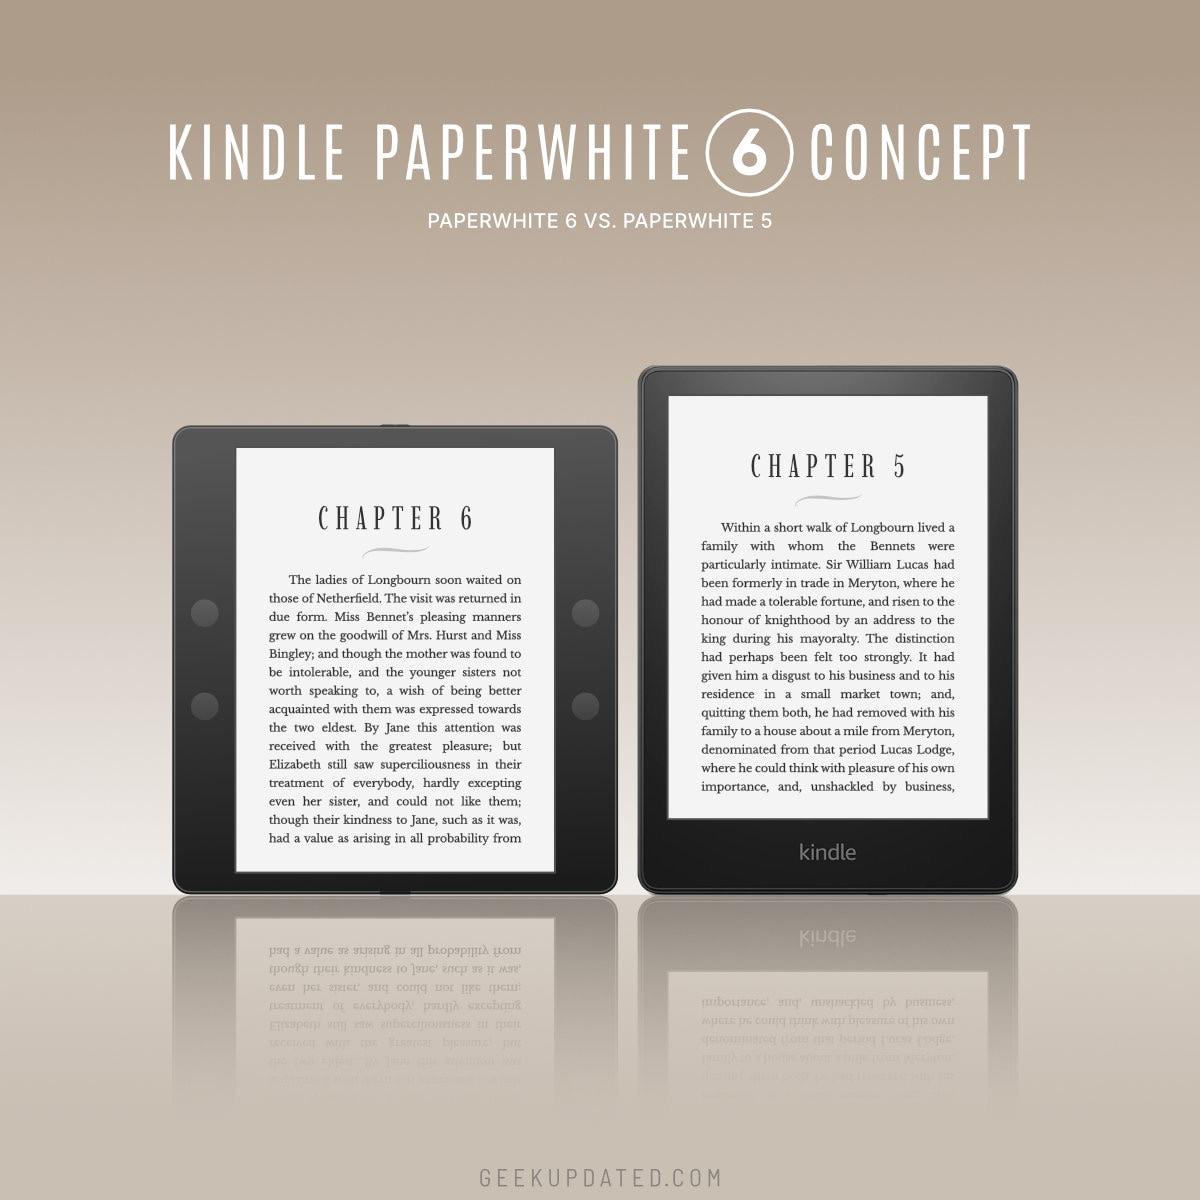 Kindle Paperwhite 6 concept vs Paperwhite 5